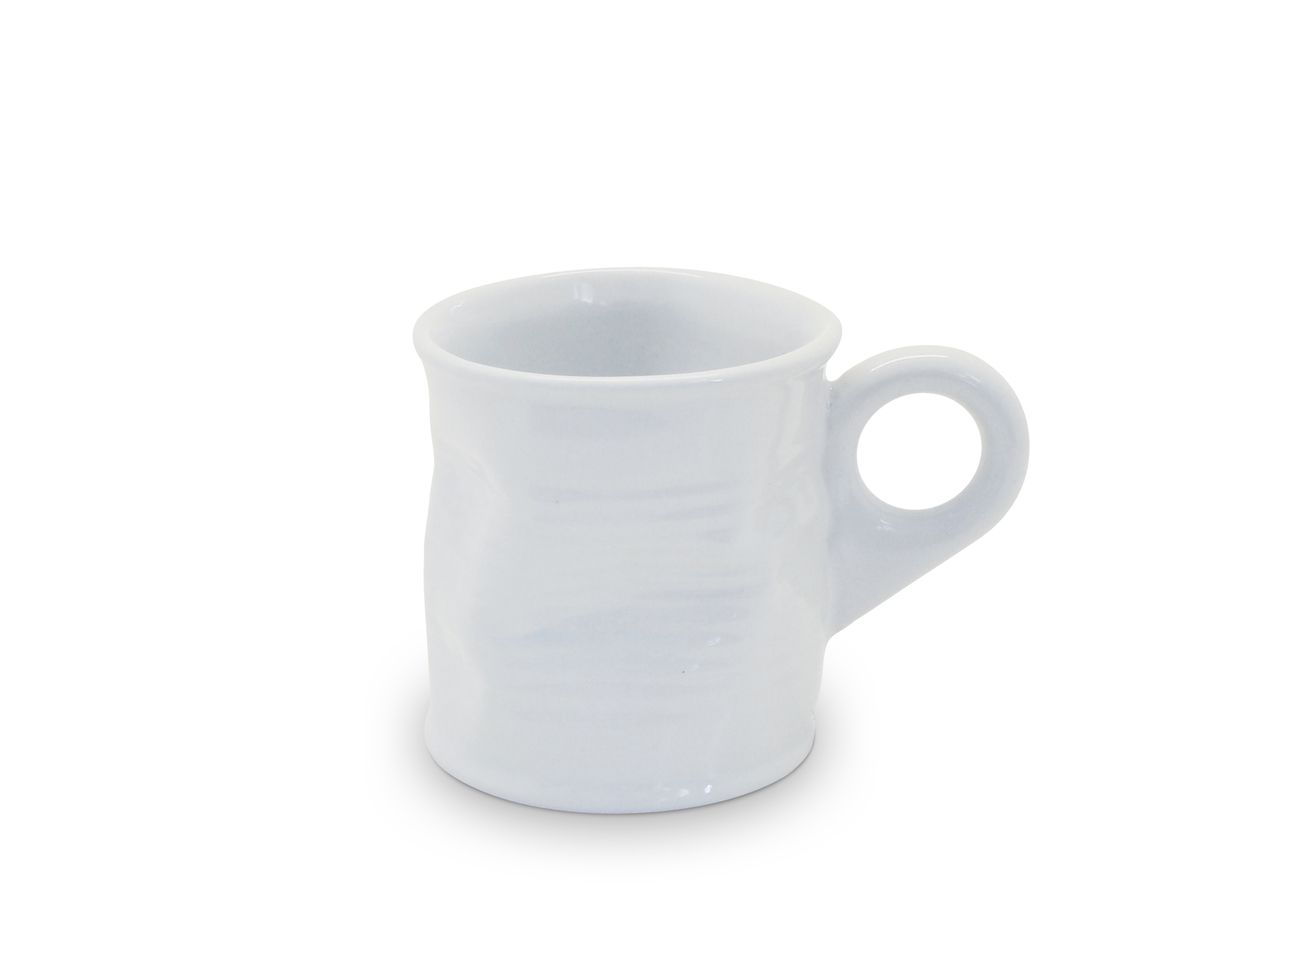 Cafézinho Lata Amassada 70Ml - Branco